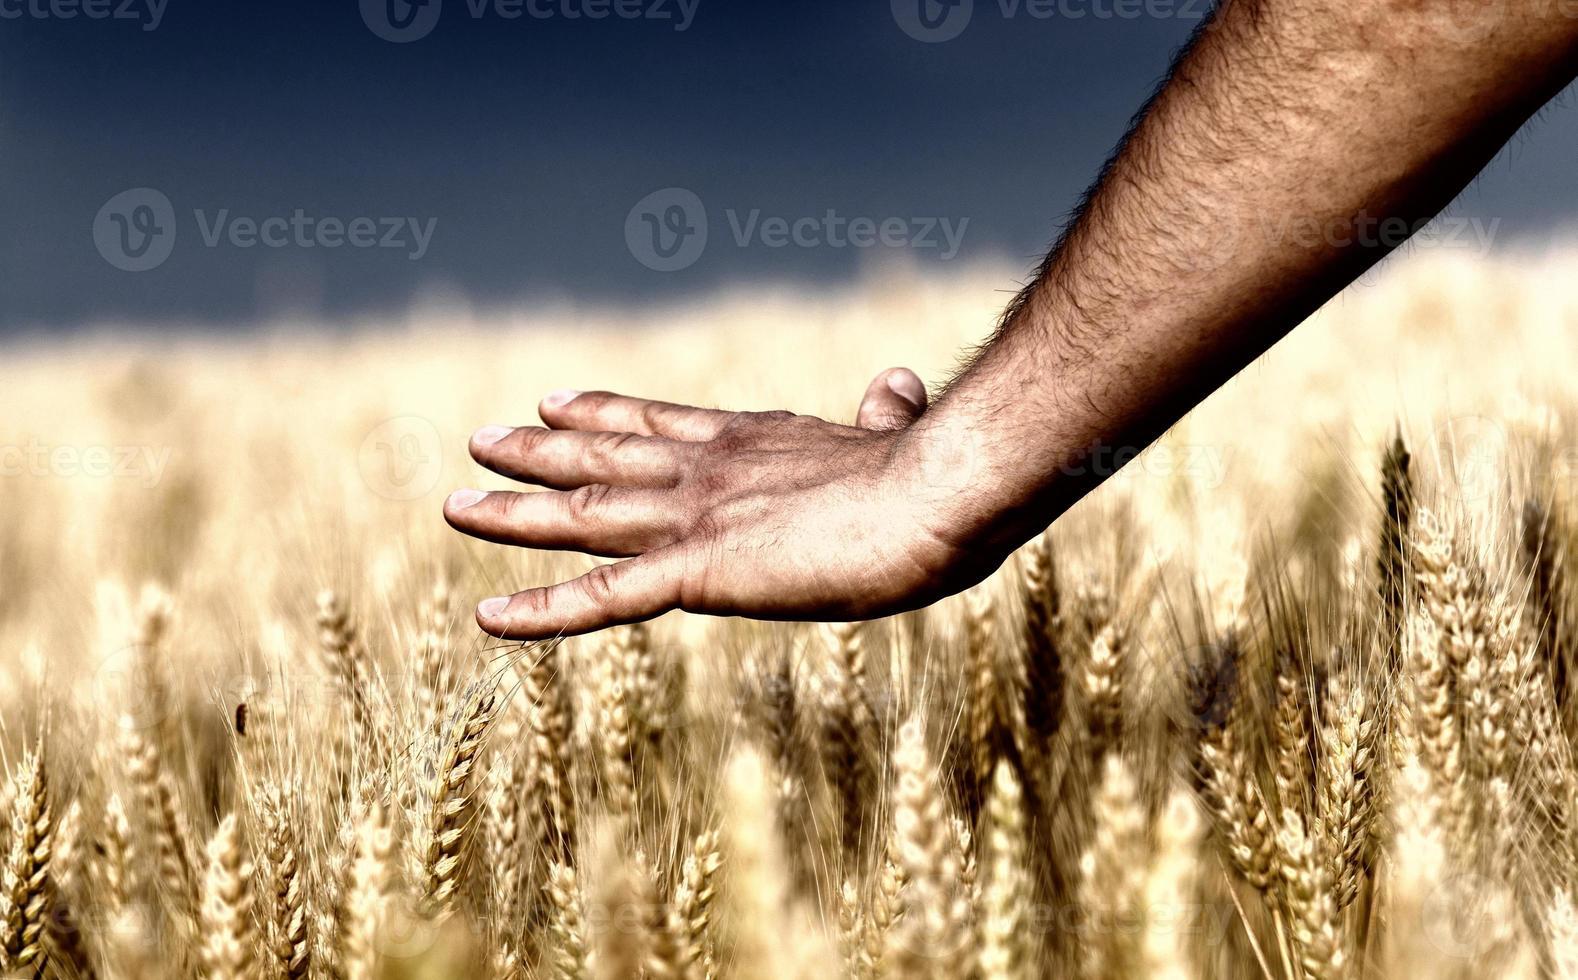 masculino mão tocando trigo foto